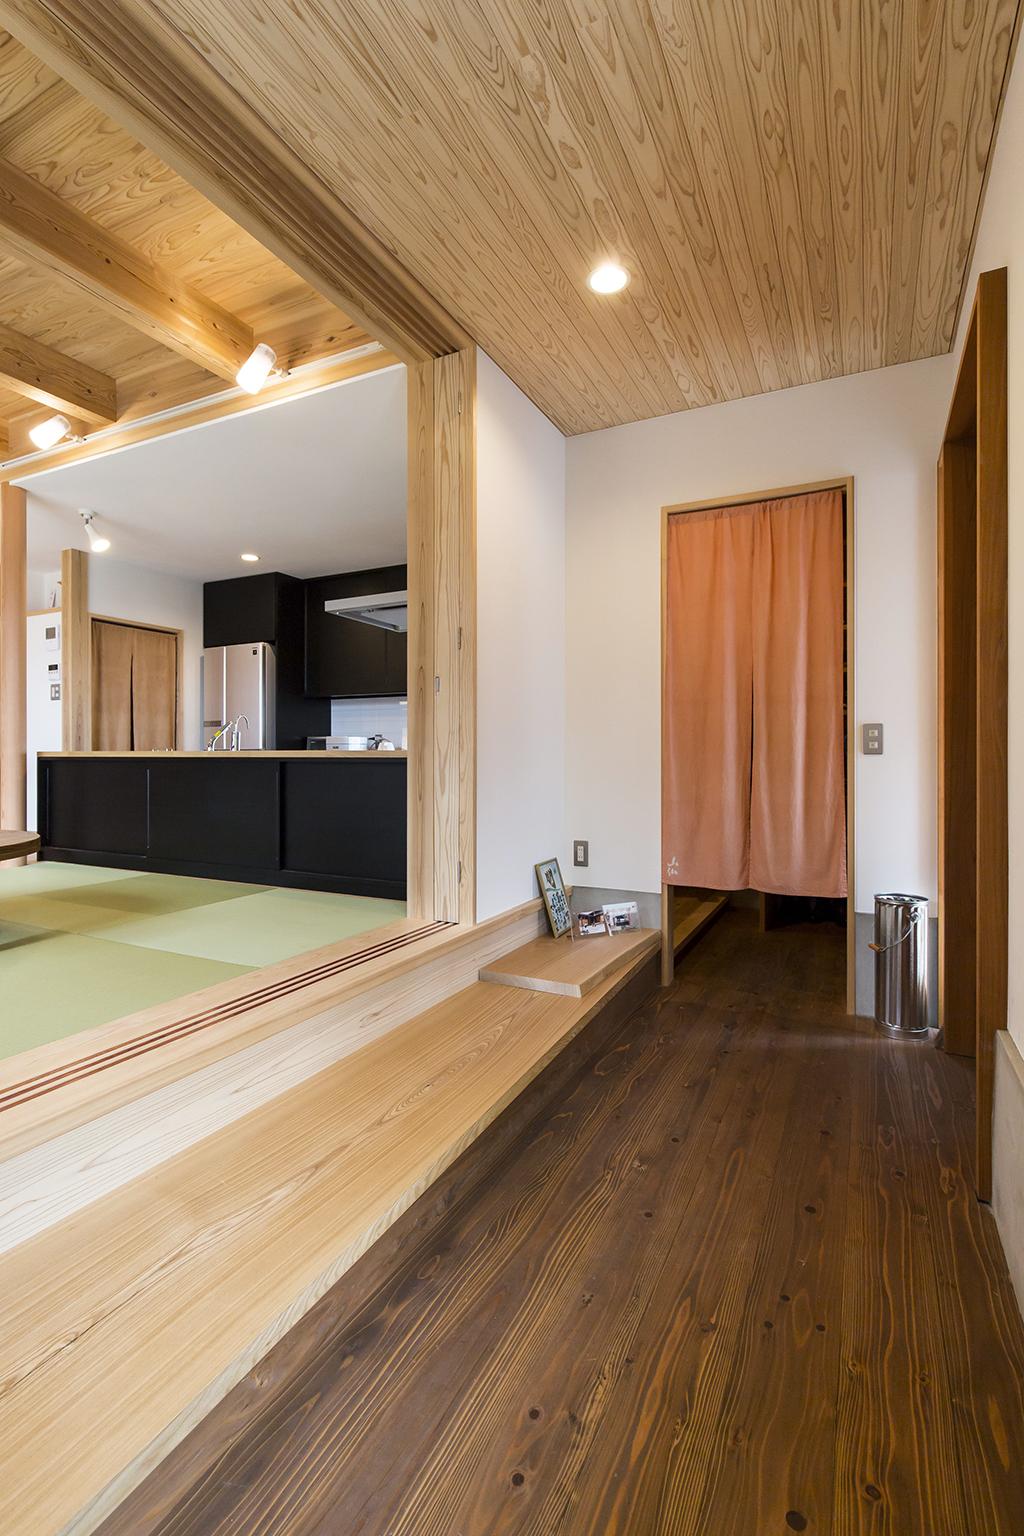 高砂市の木の家 板張りの玄関